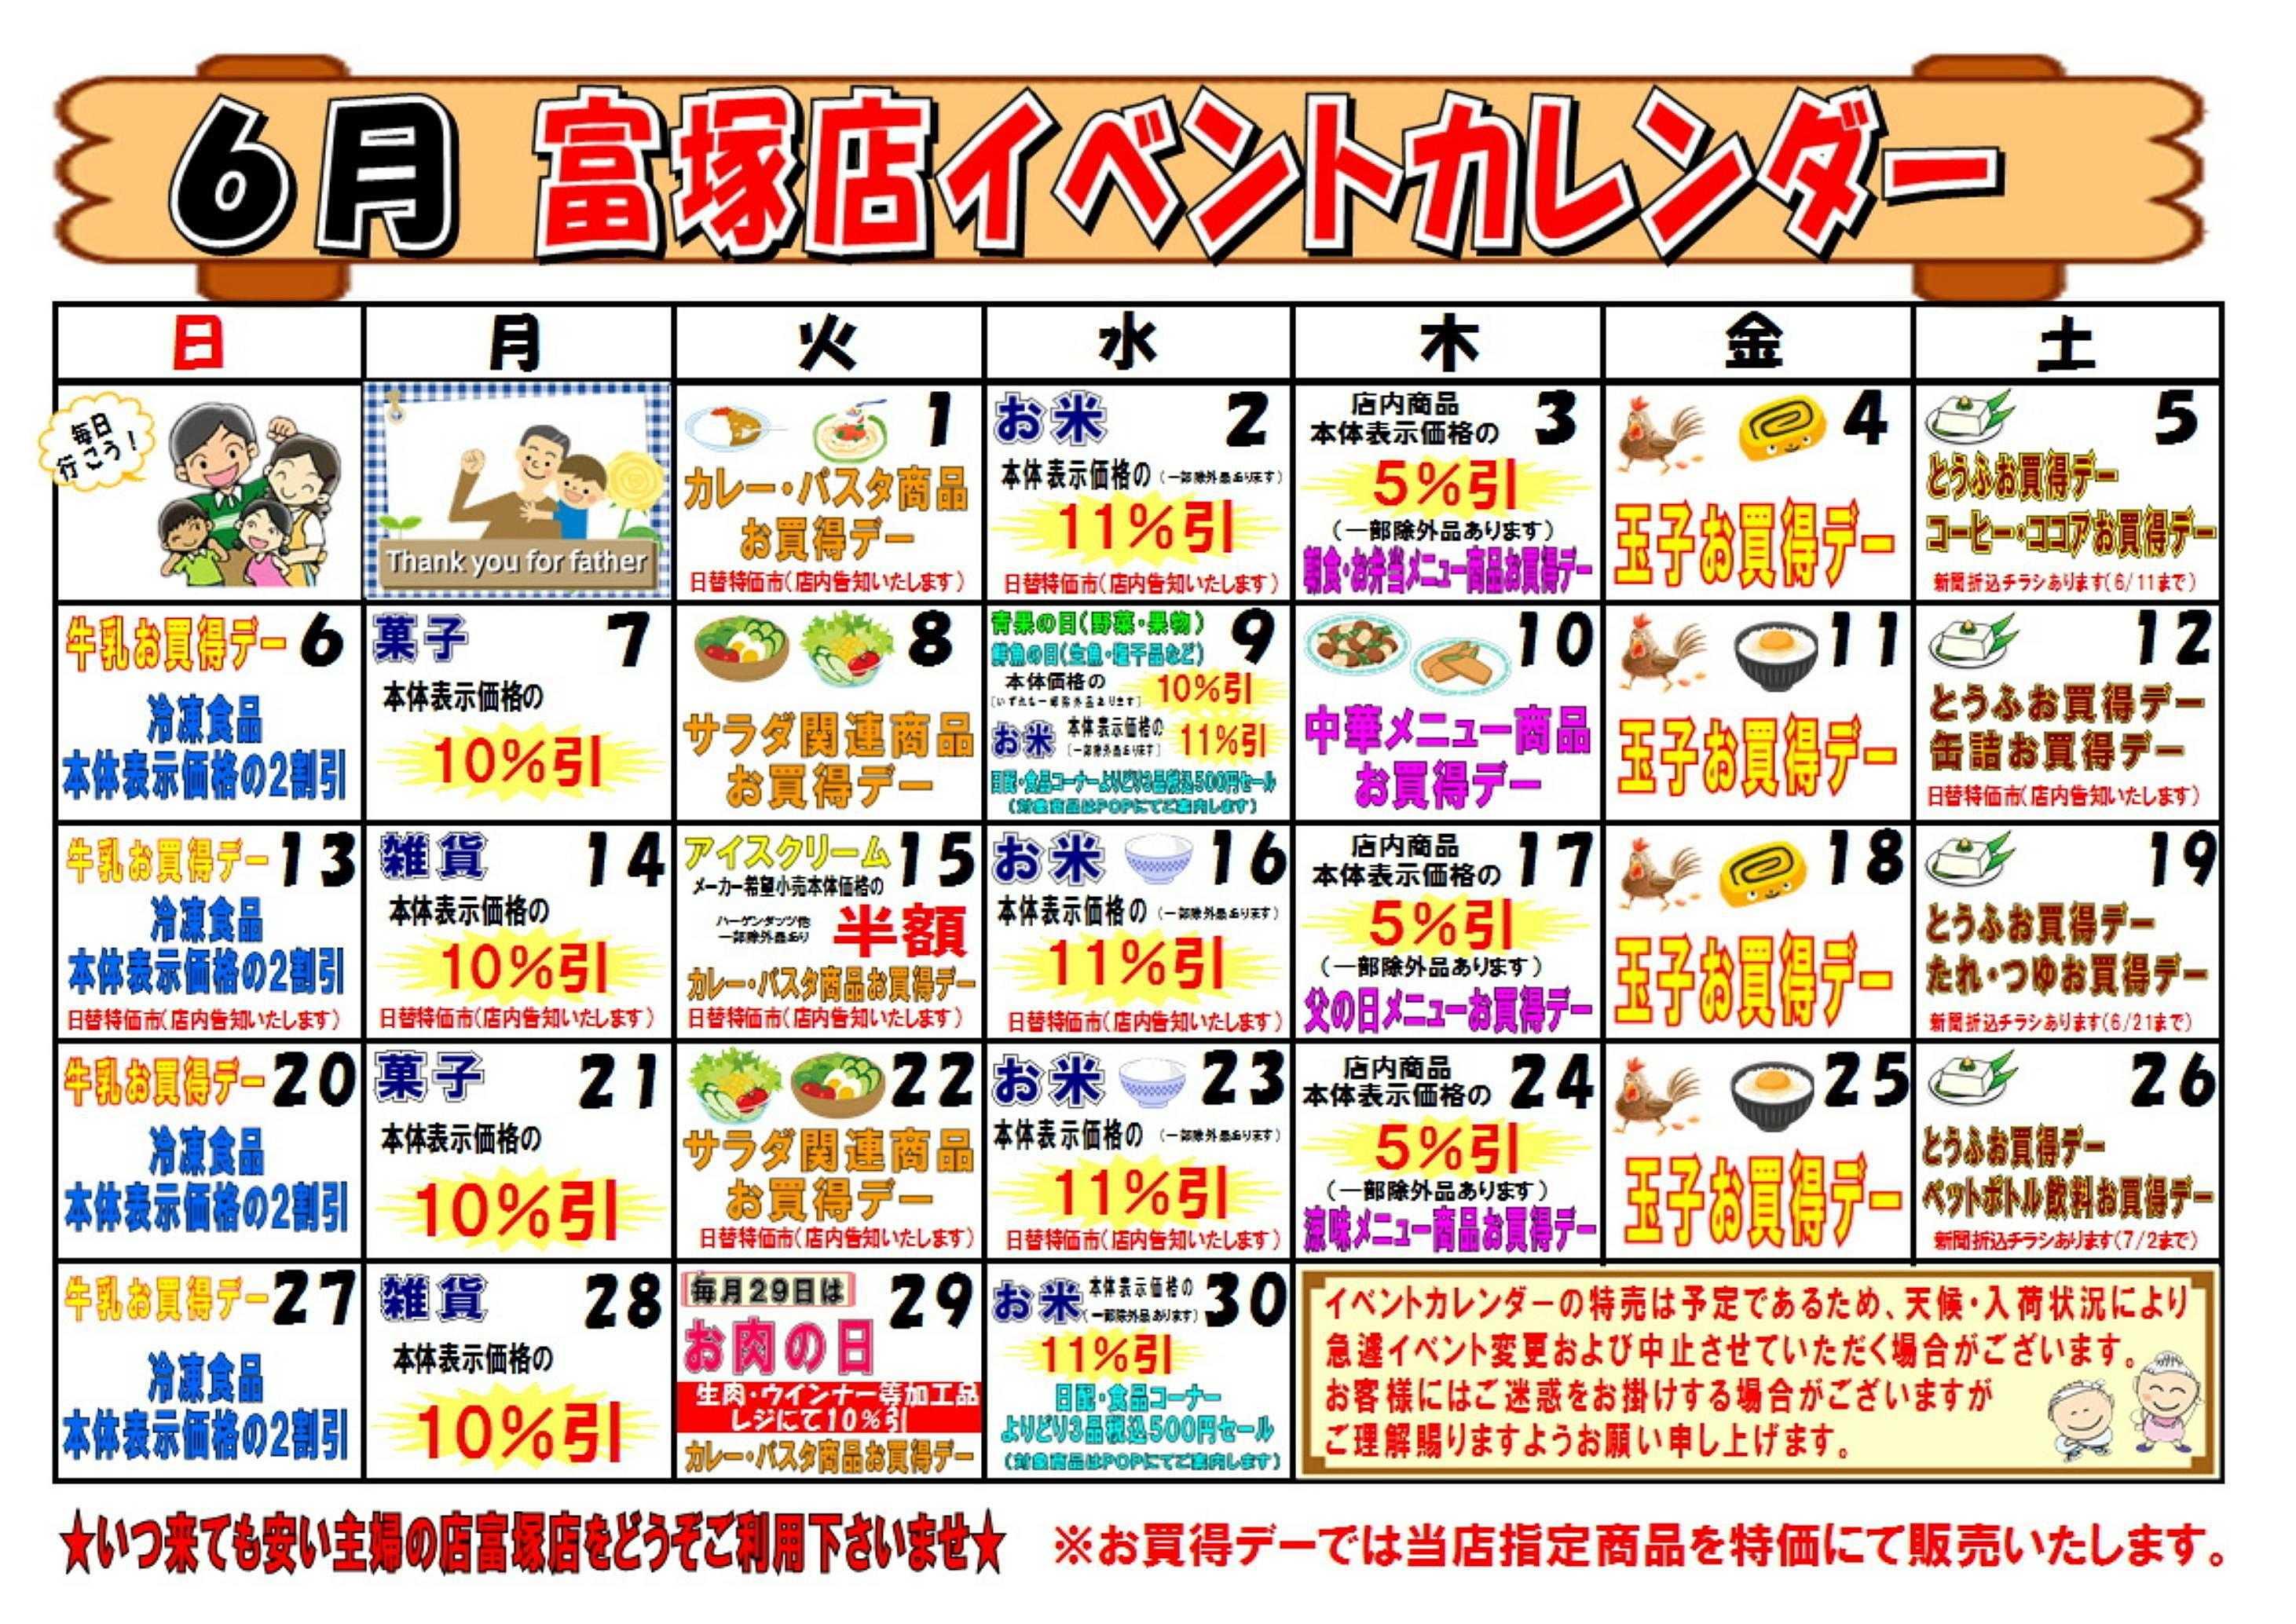 フードマーケット マム 富塚店 イベントカレンダー